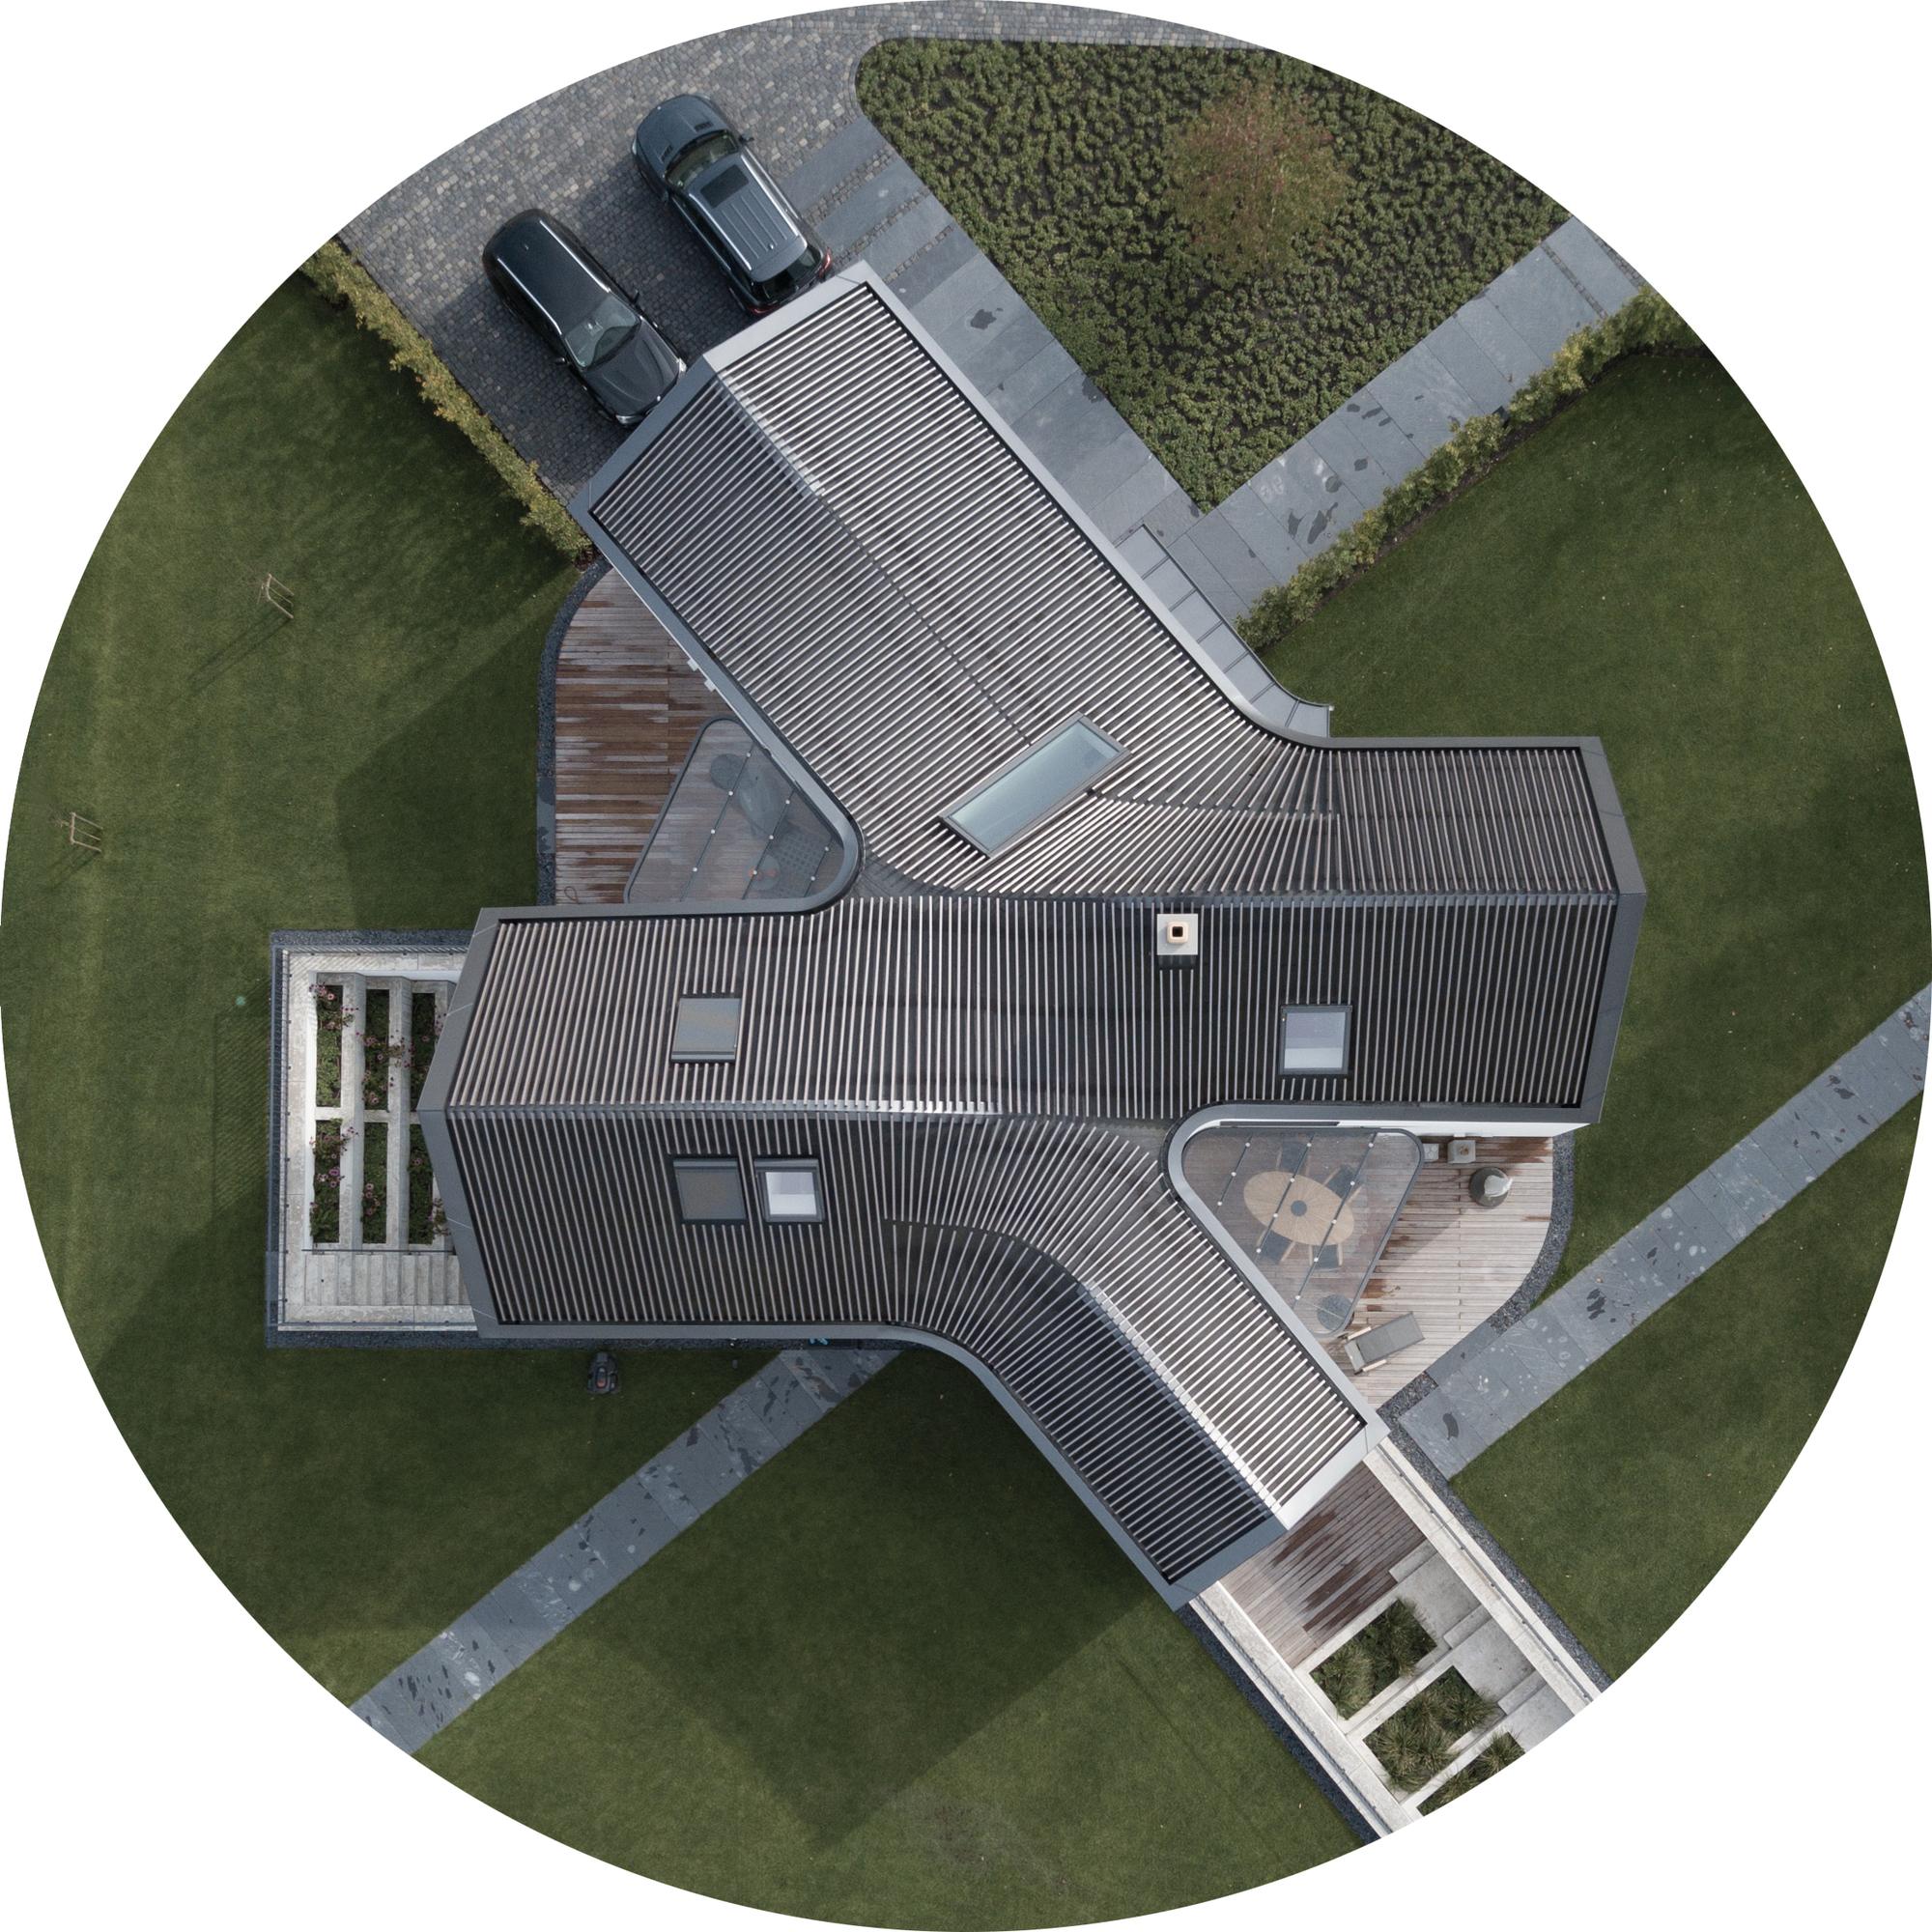 Gallery of house h one fine day architektur werk stadt 17 - Architektur werk ...